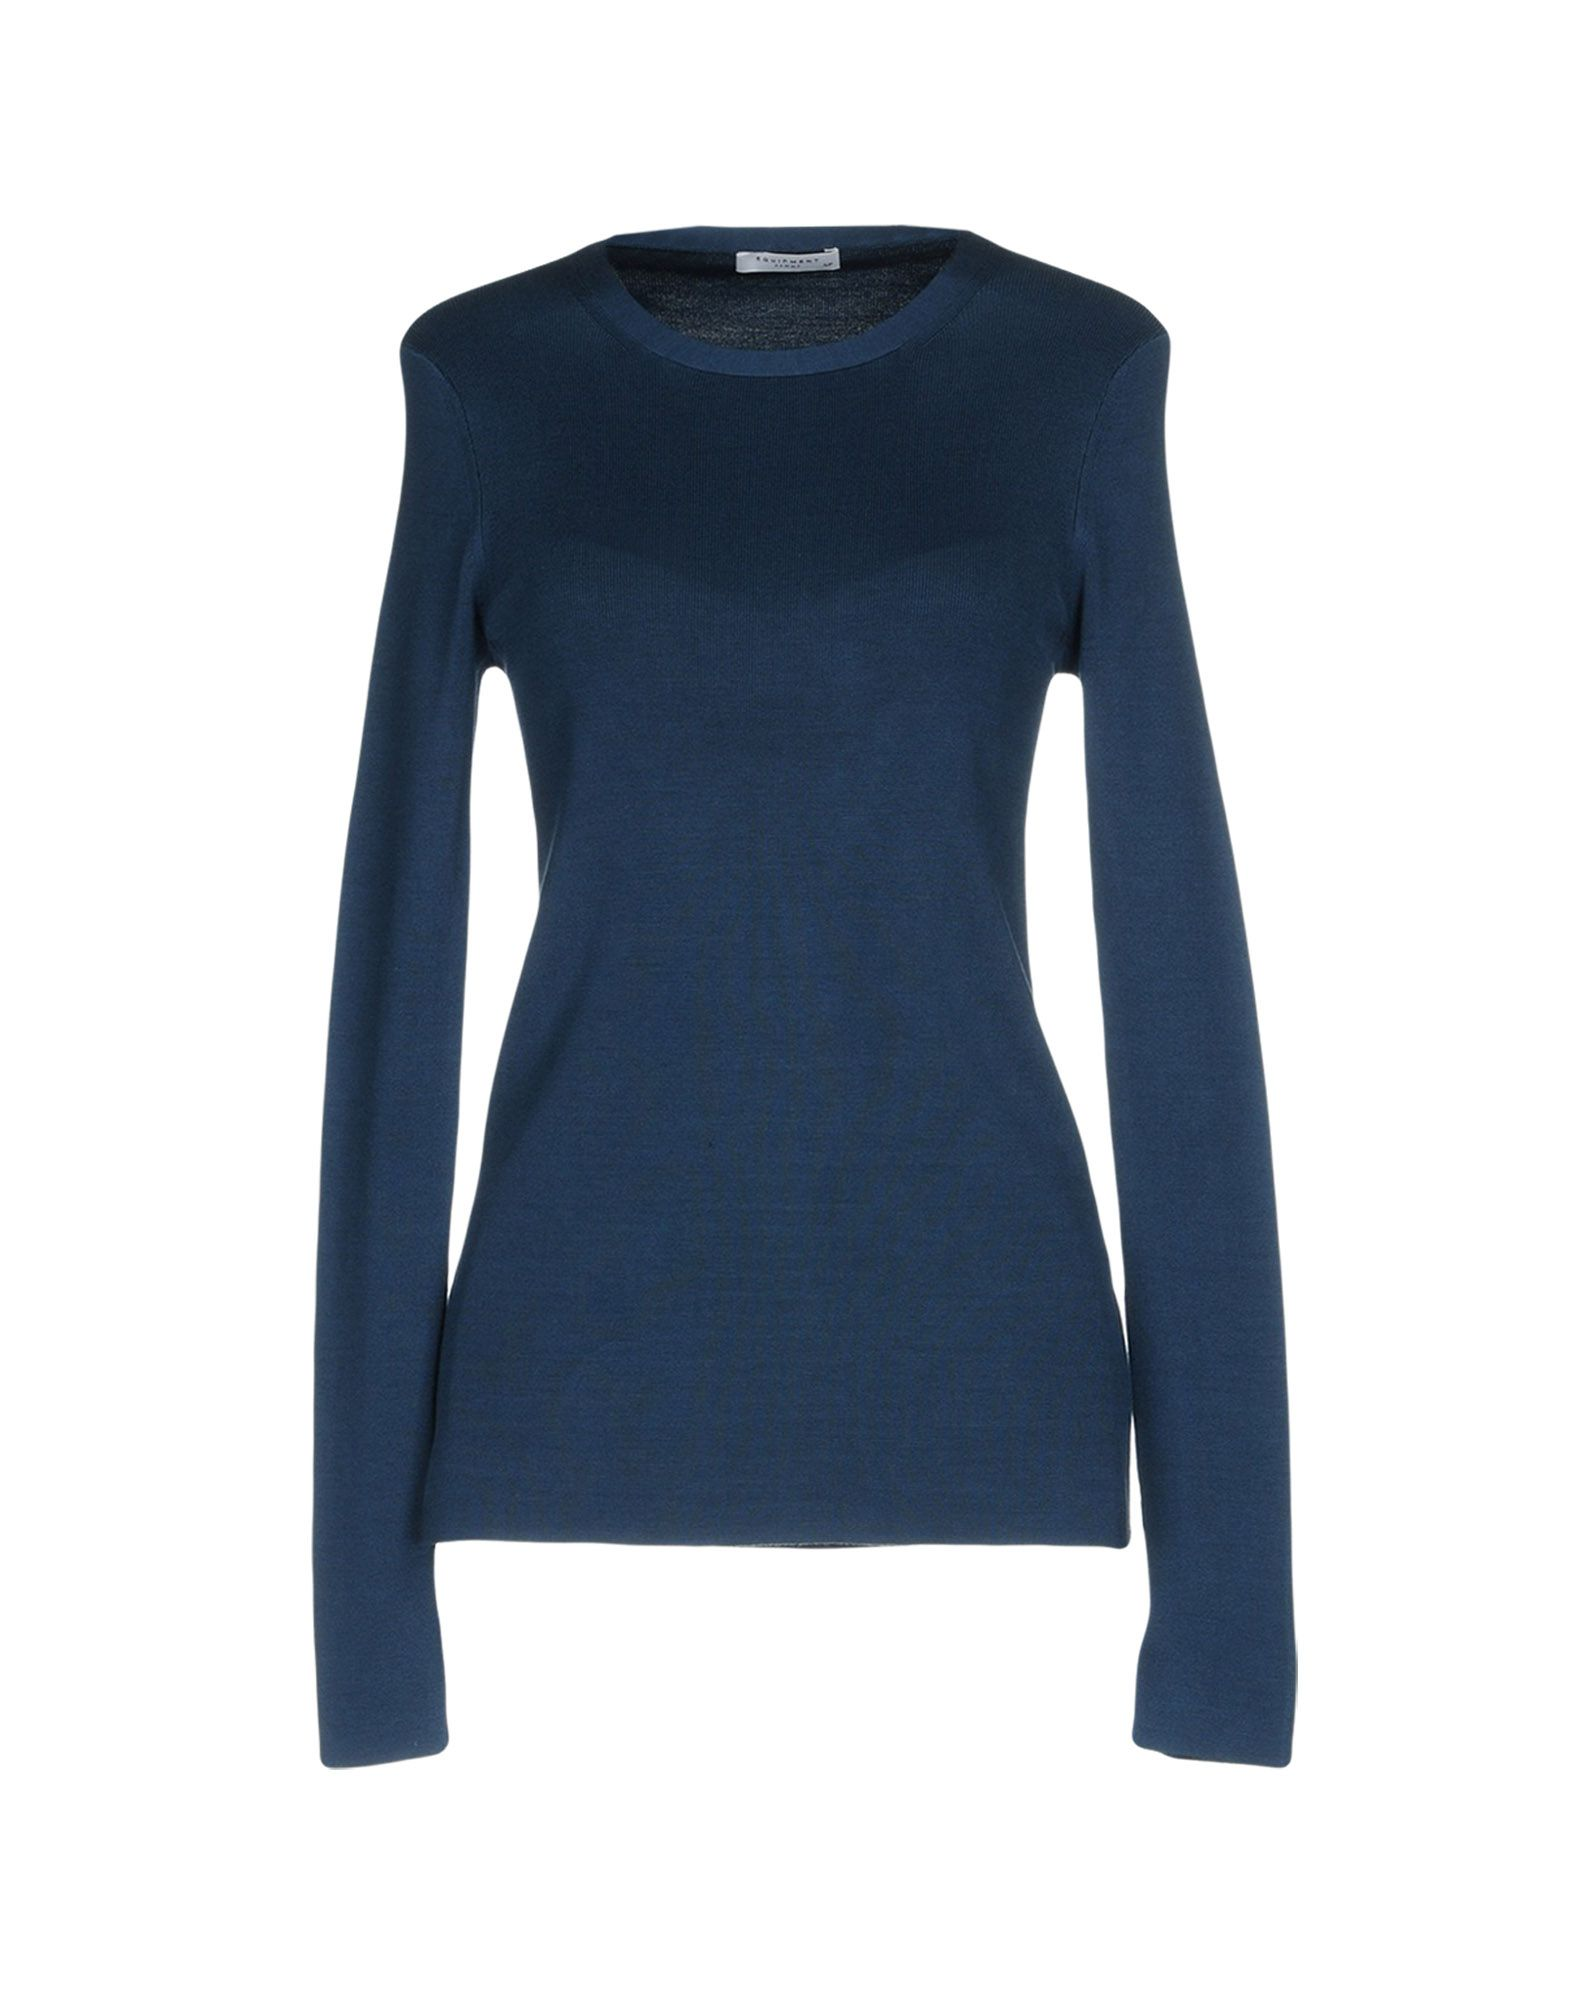 Pullover Equipment Donna - Acquista online su UkelZ